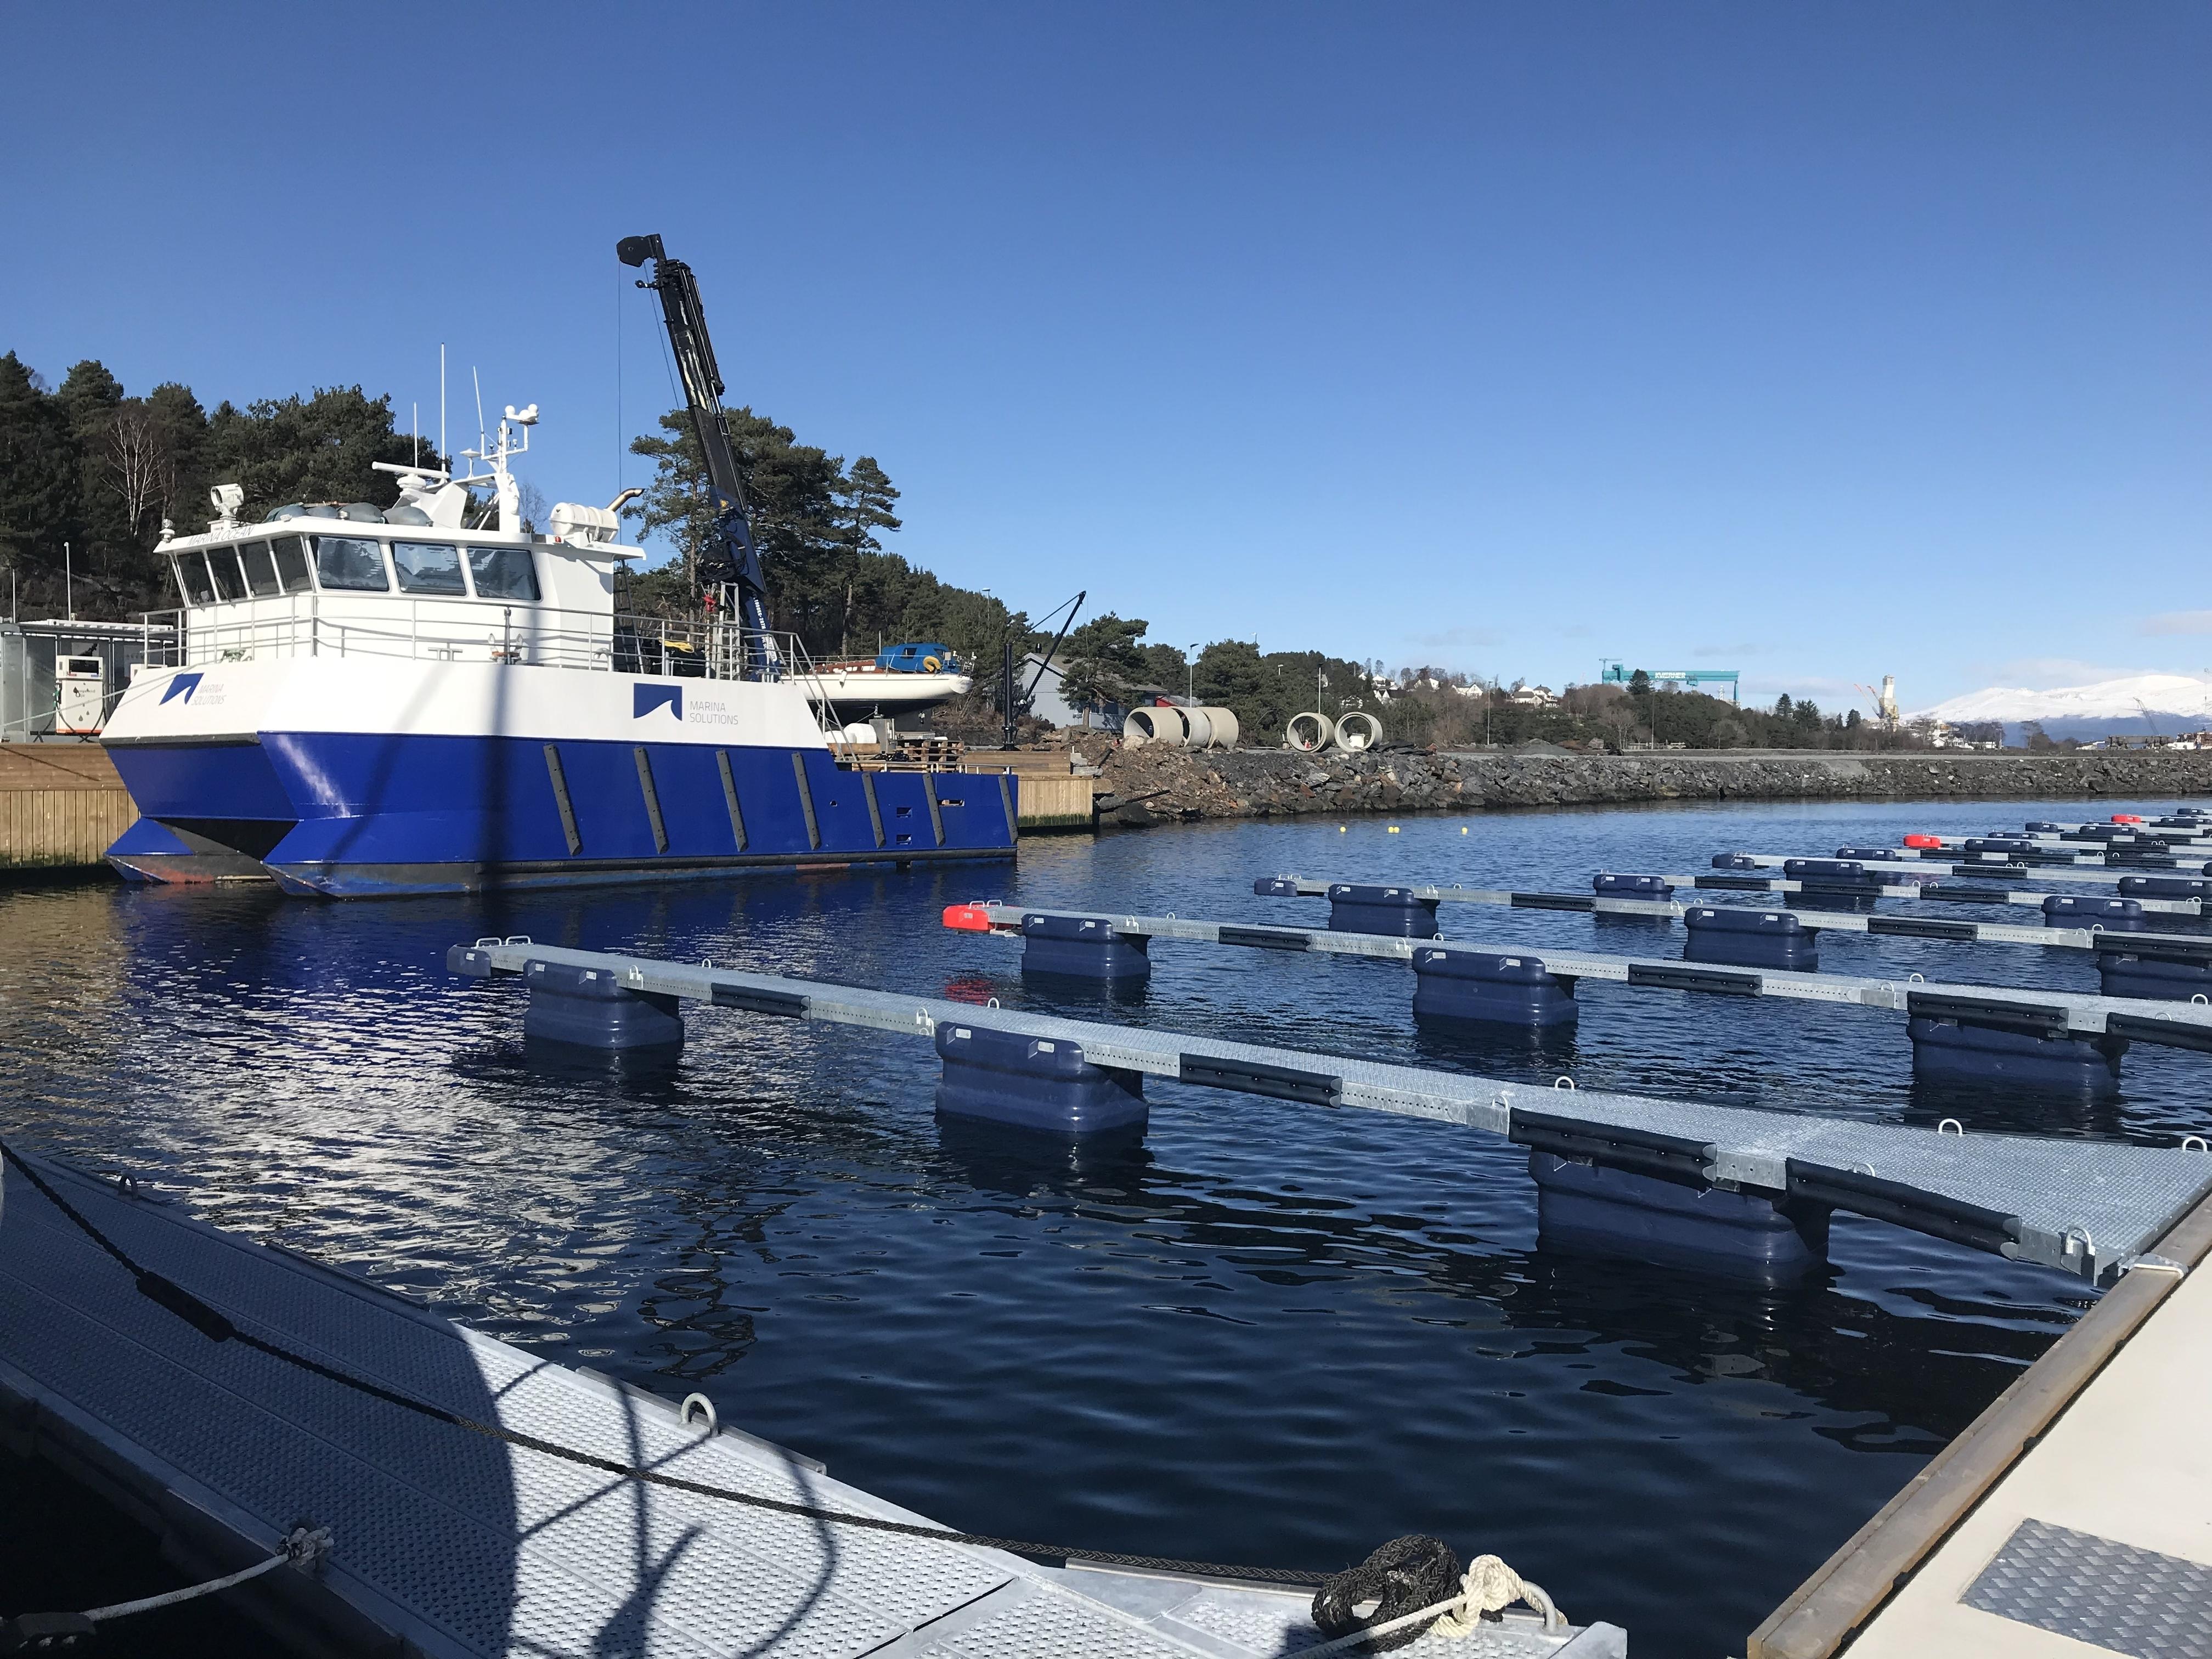 https://www.marinasolutions.no/uploads/Skjersholmane-båthavn-forlengelse-tallykey-marina-solutions-fenderlister-betongbrygger-5.jpg